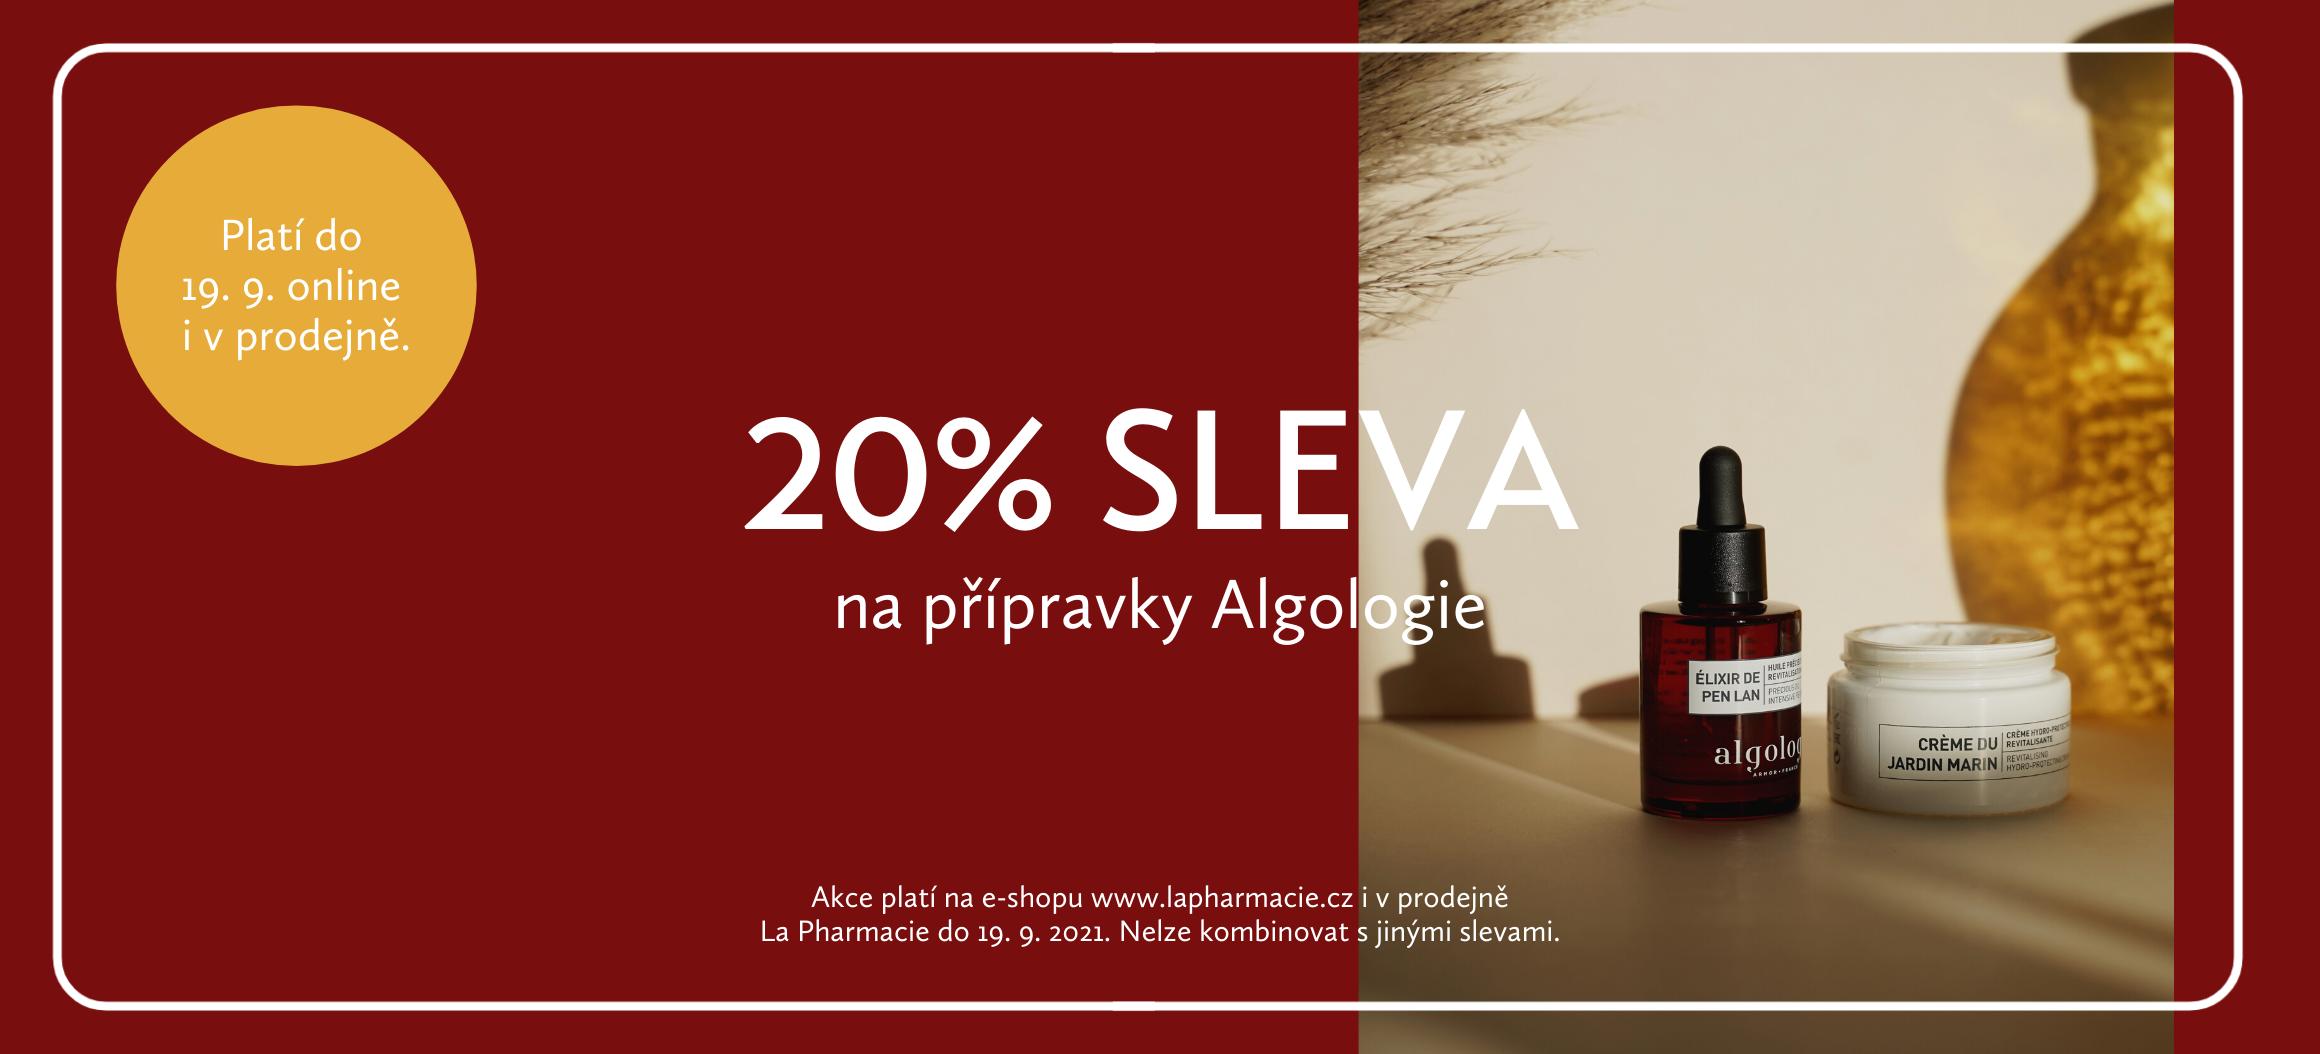 Sleva 20 % Algologie